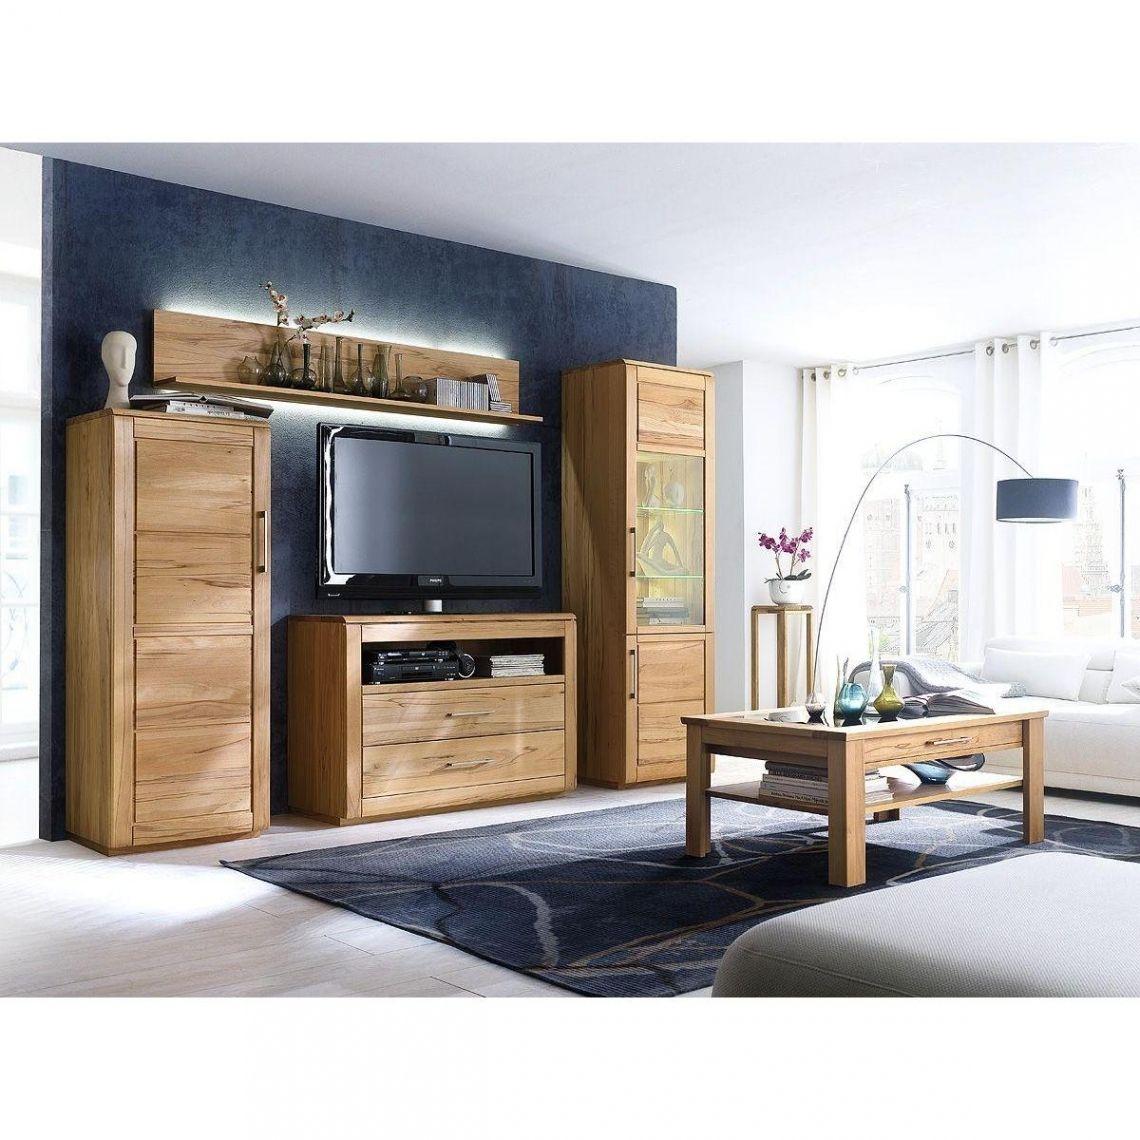 Stilvoll Wohnzimmer Massivholz   Wohnzimmermöbel   Pinterest ...